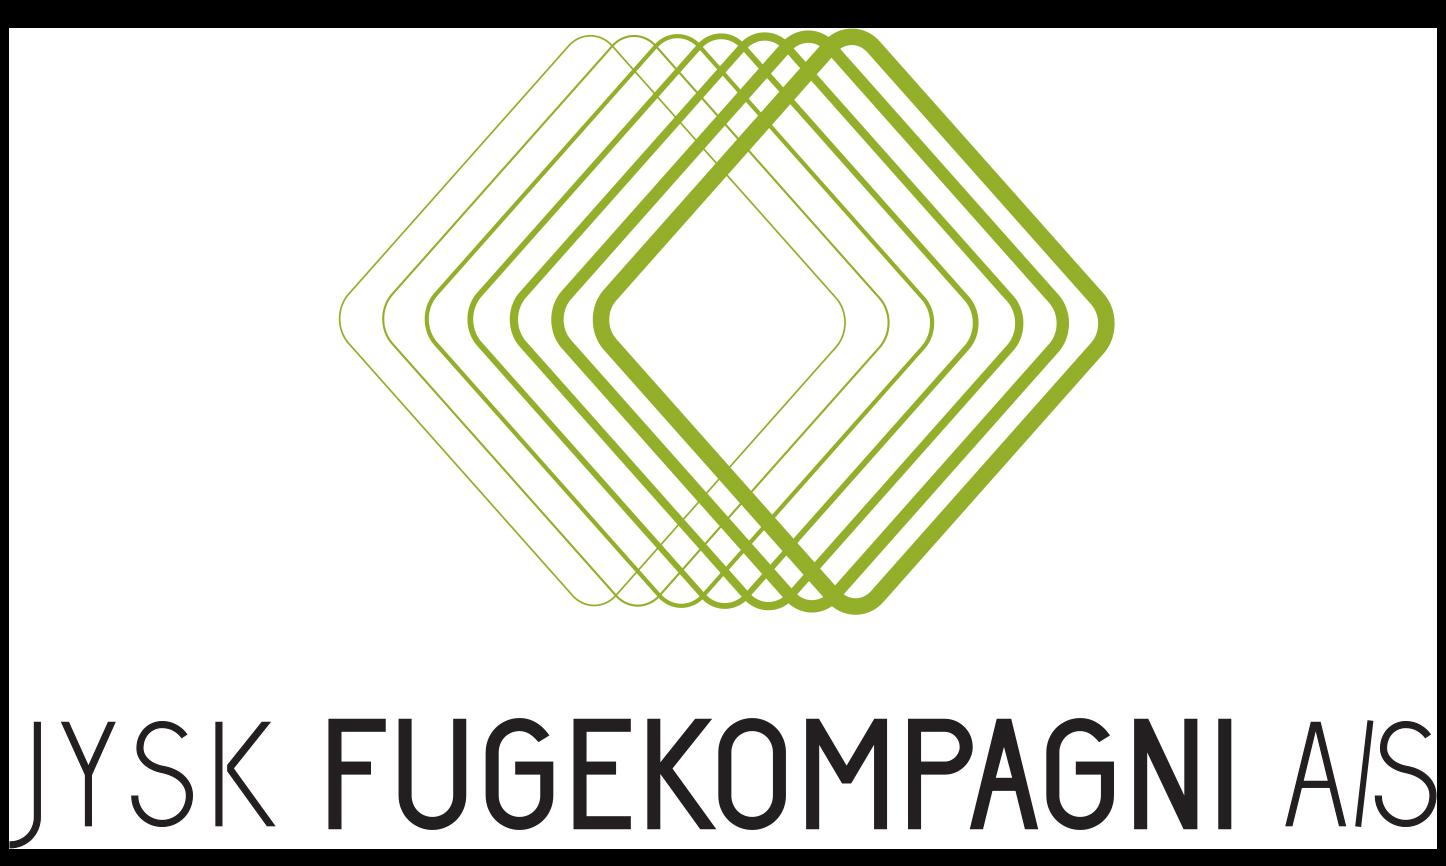 Jysk Fuge Kompagni